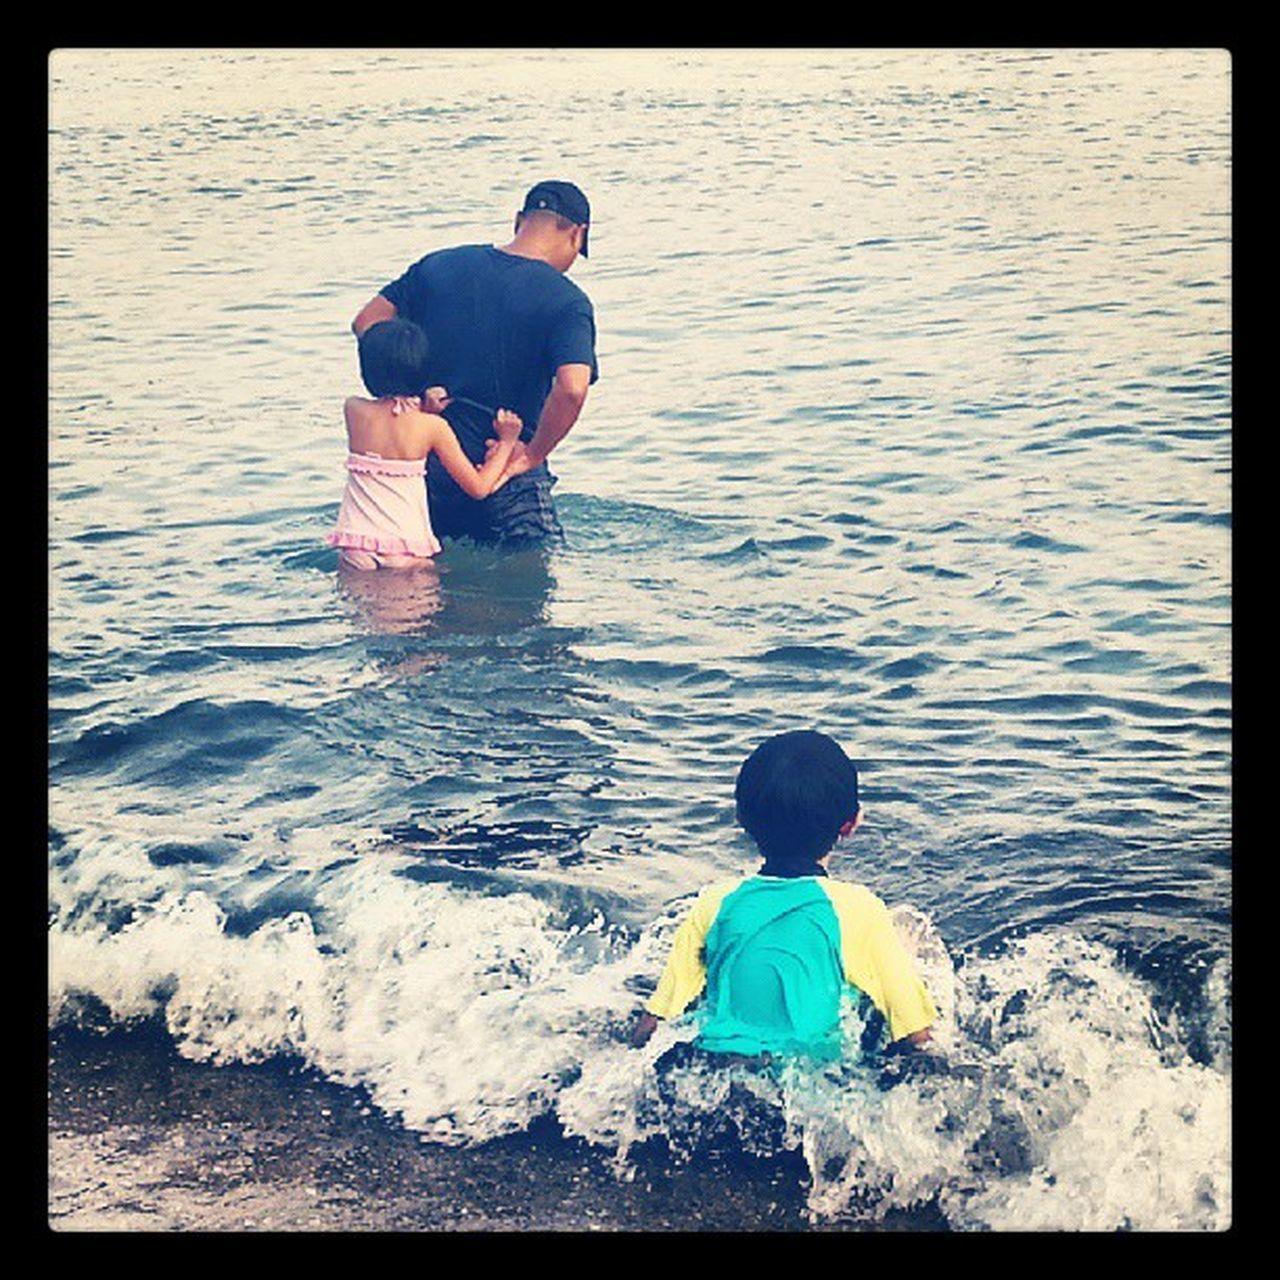 很盡興的~ 沙灘的一天